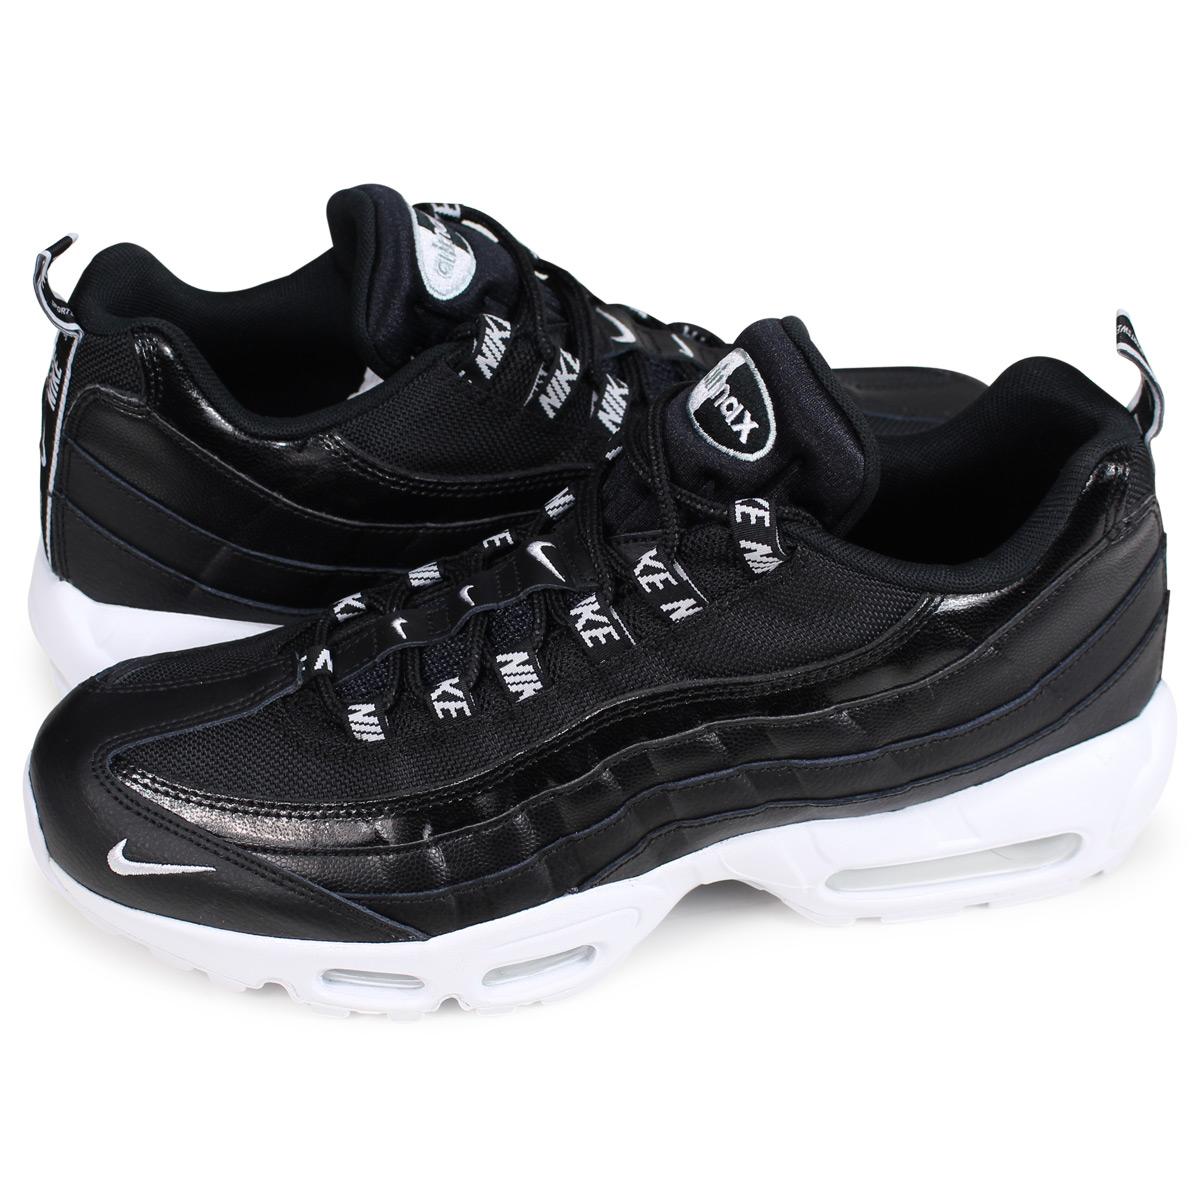 Nike NIKE Air Max 95 sneakers men AIR MAX 95 PREMIUM black black 538,416 020